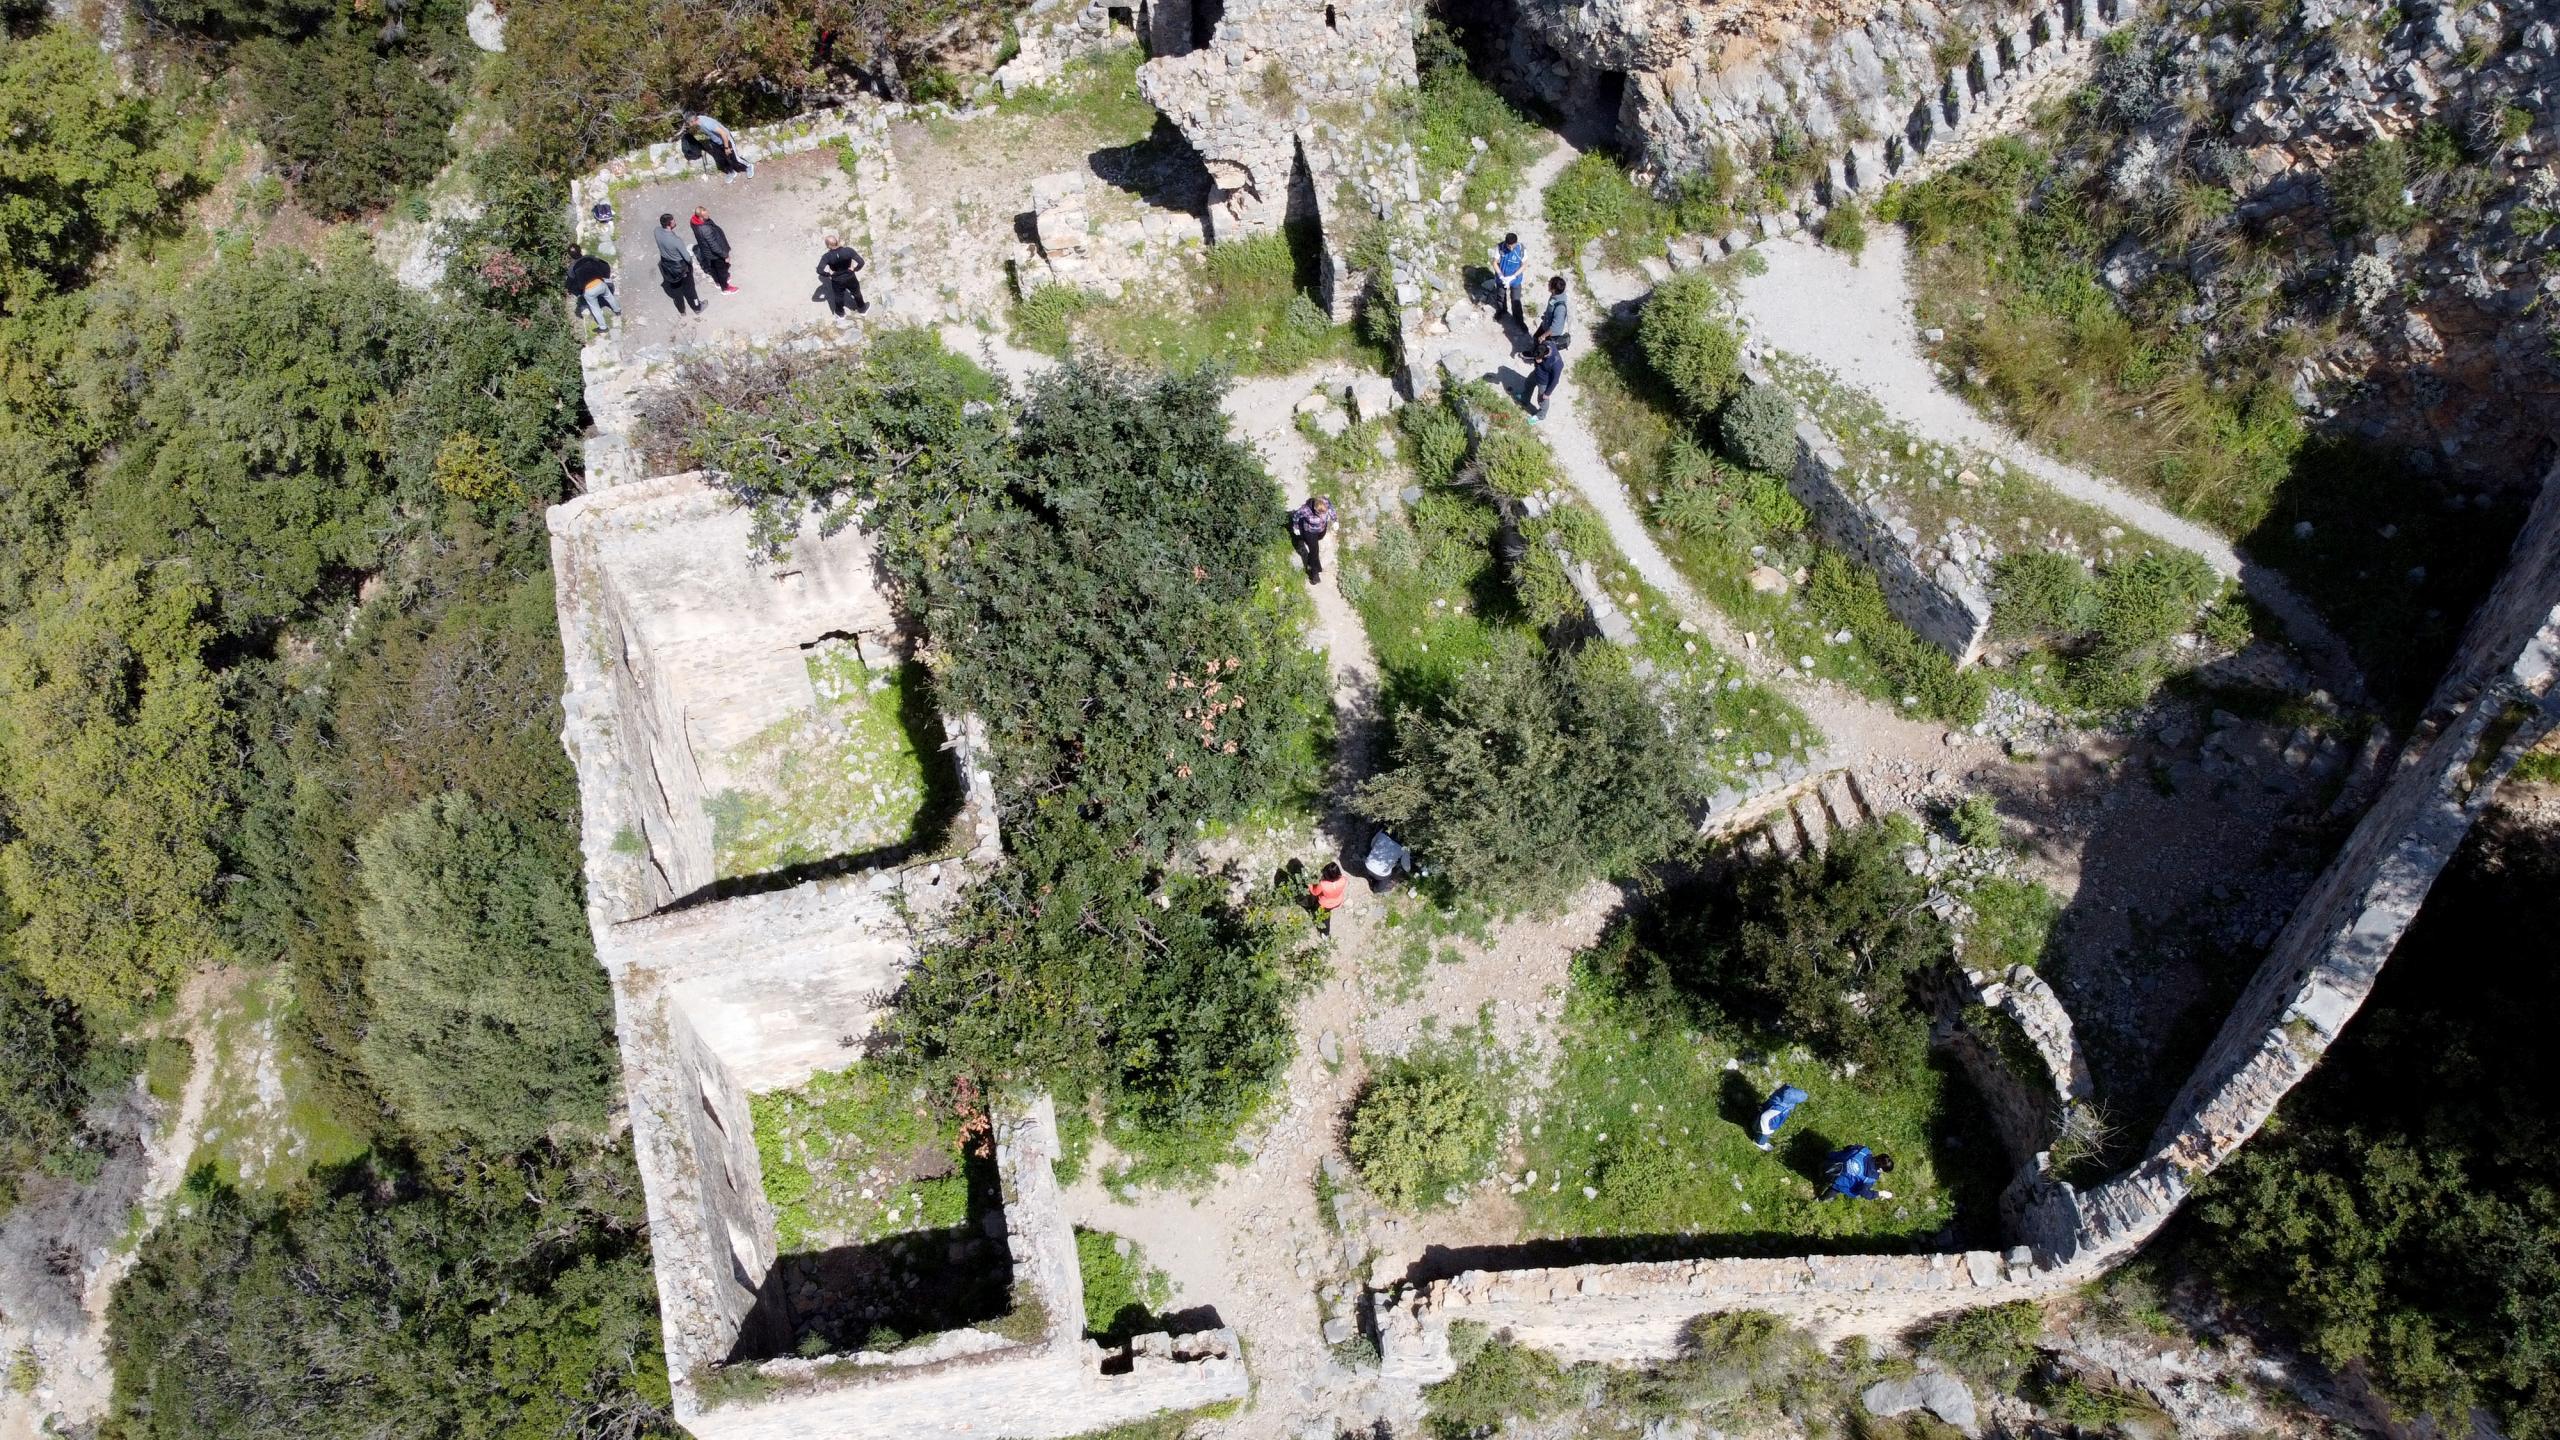 Fethiye'deki Afkule Manastırı'nda çevre temizliği yapıldı